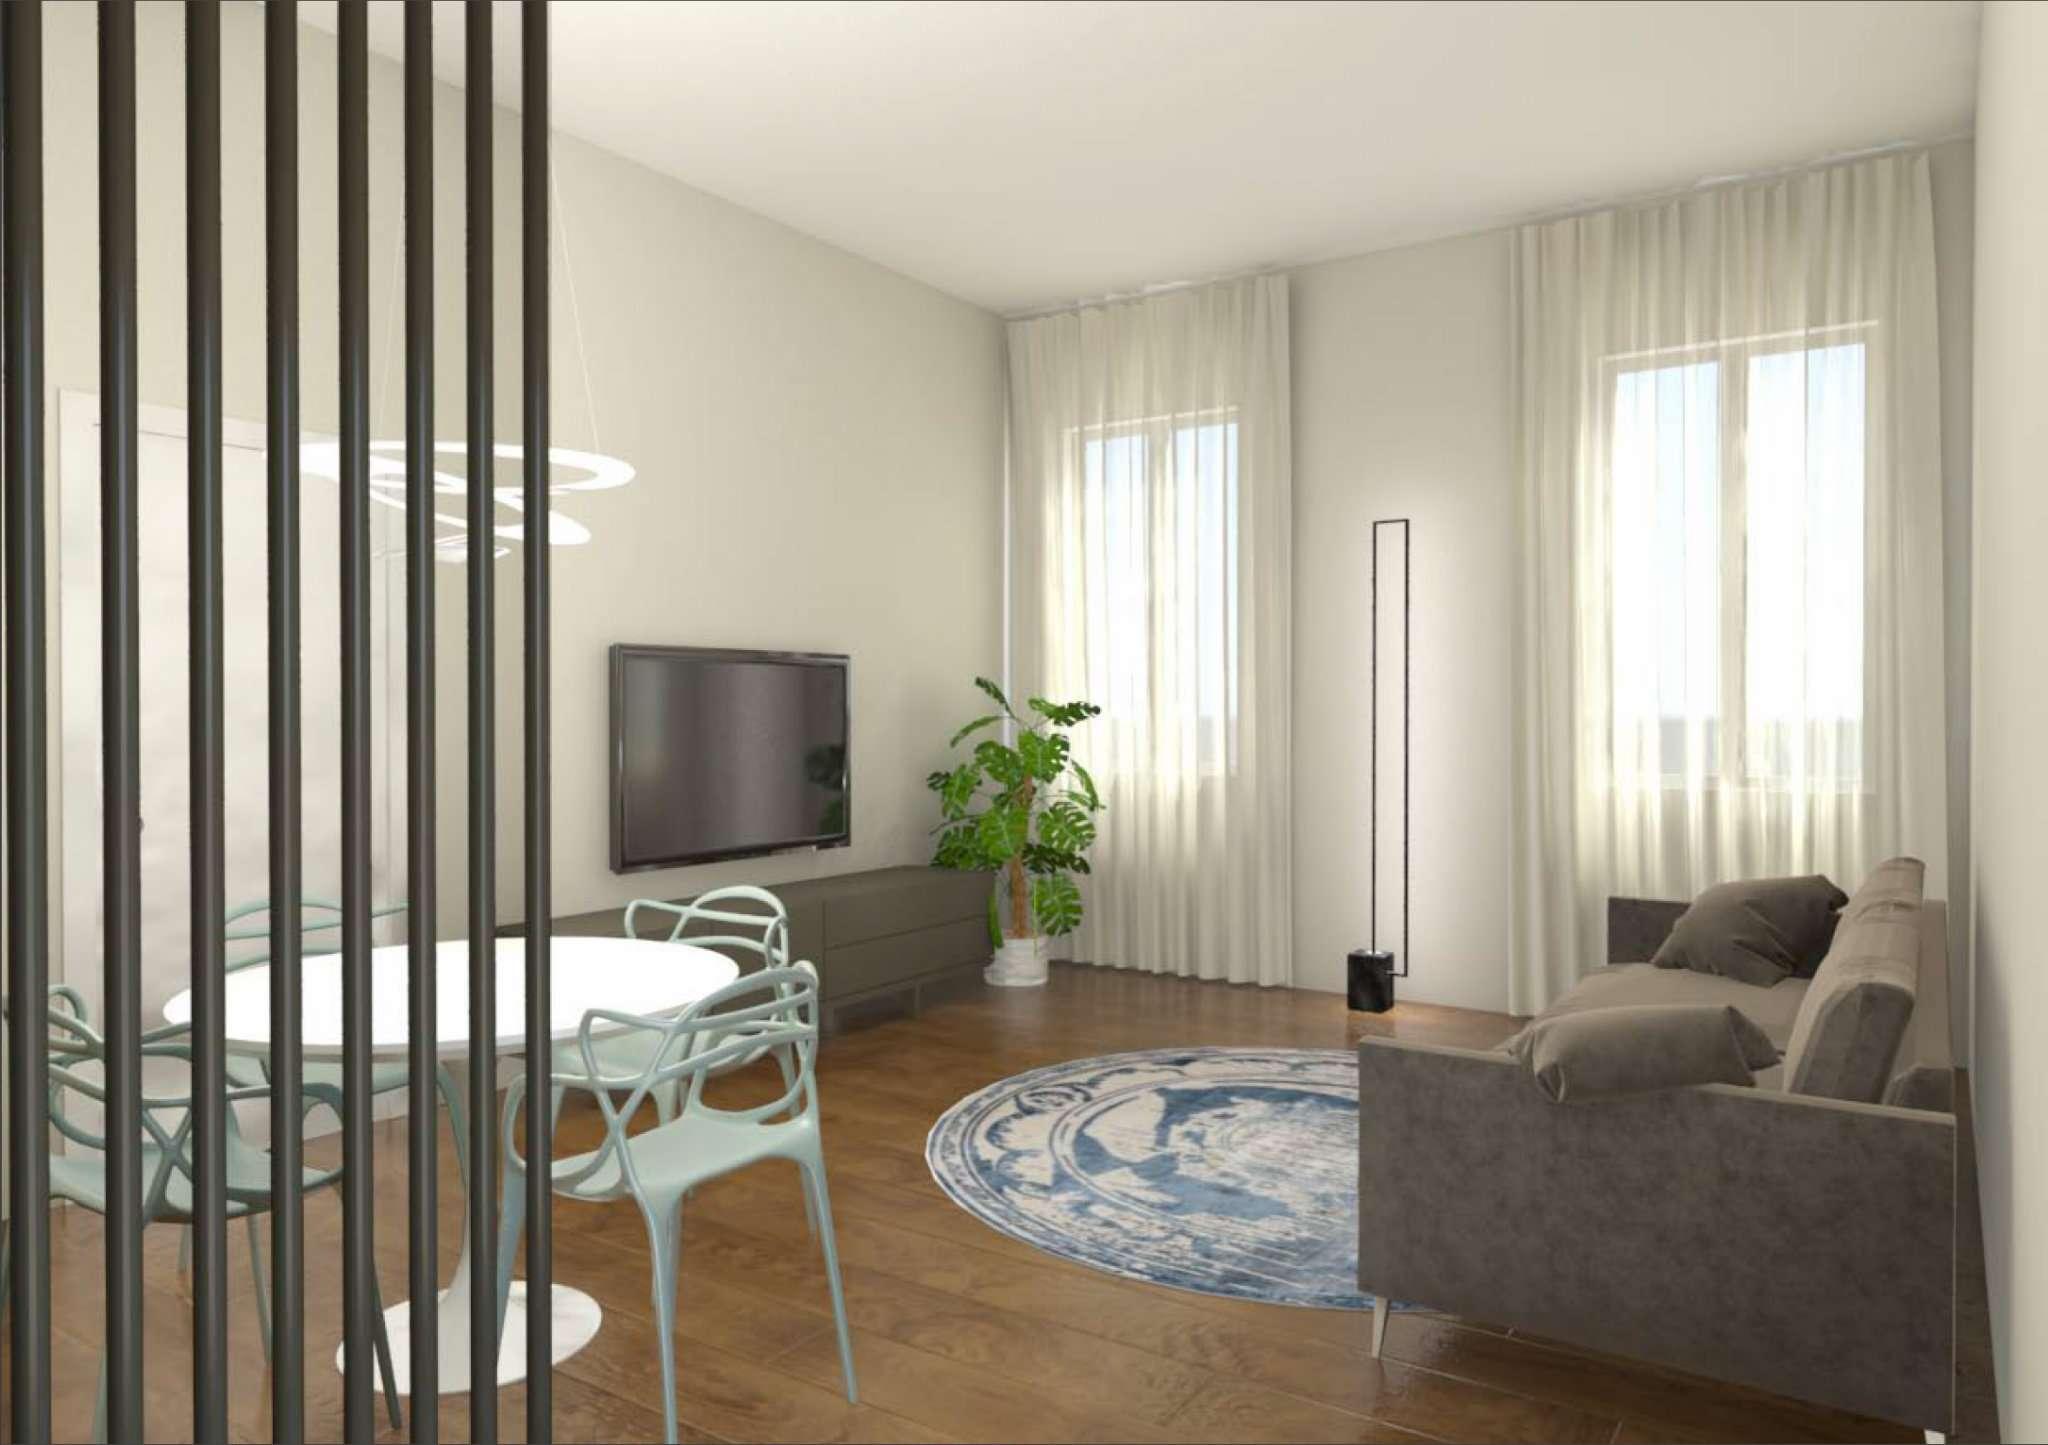 Appartamento in vendita a Busto Arsizio, 2 locali, prezzo € 230.000 | CambioCasa.it